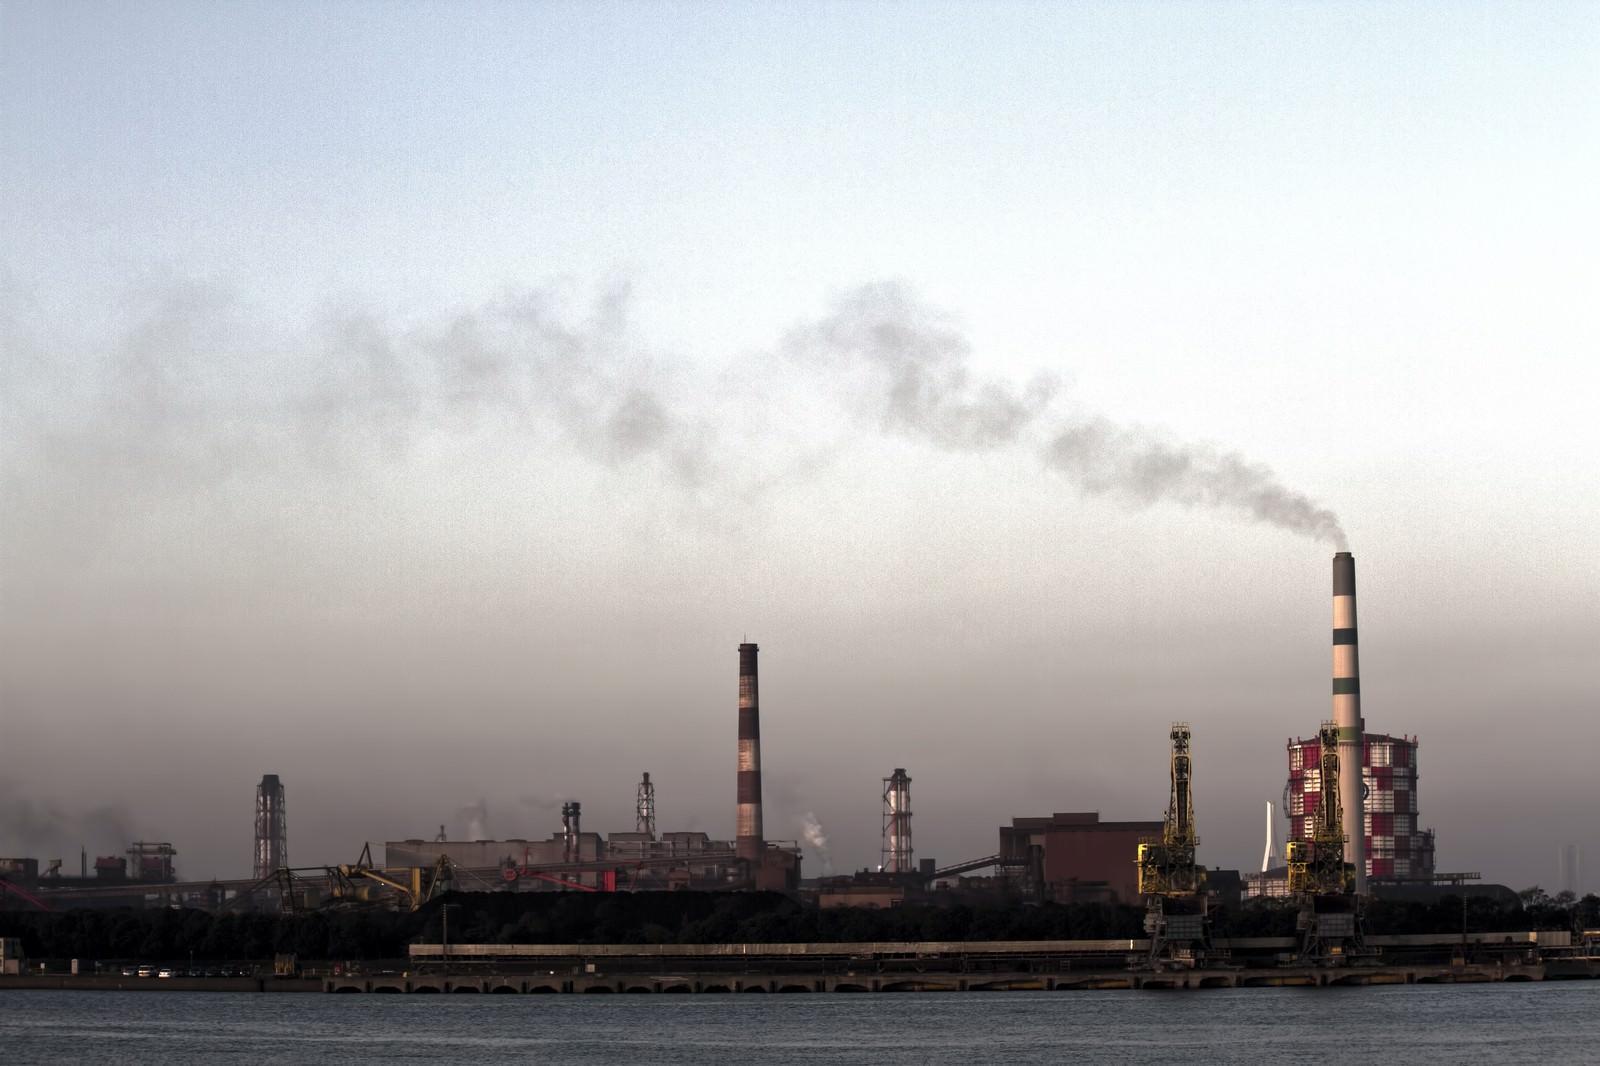 「禍々しい空と対岸の工場」の写真